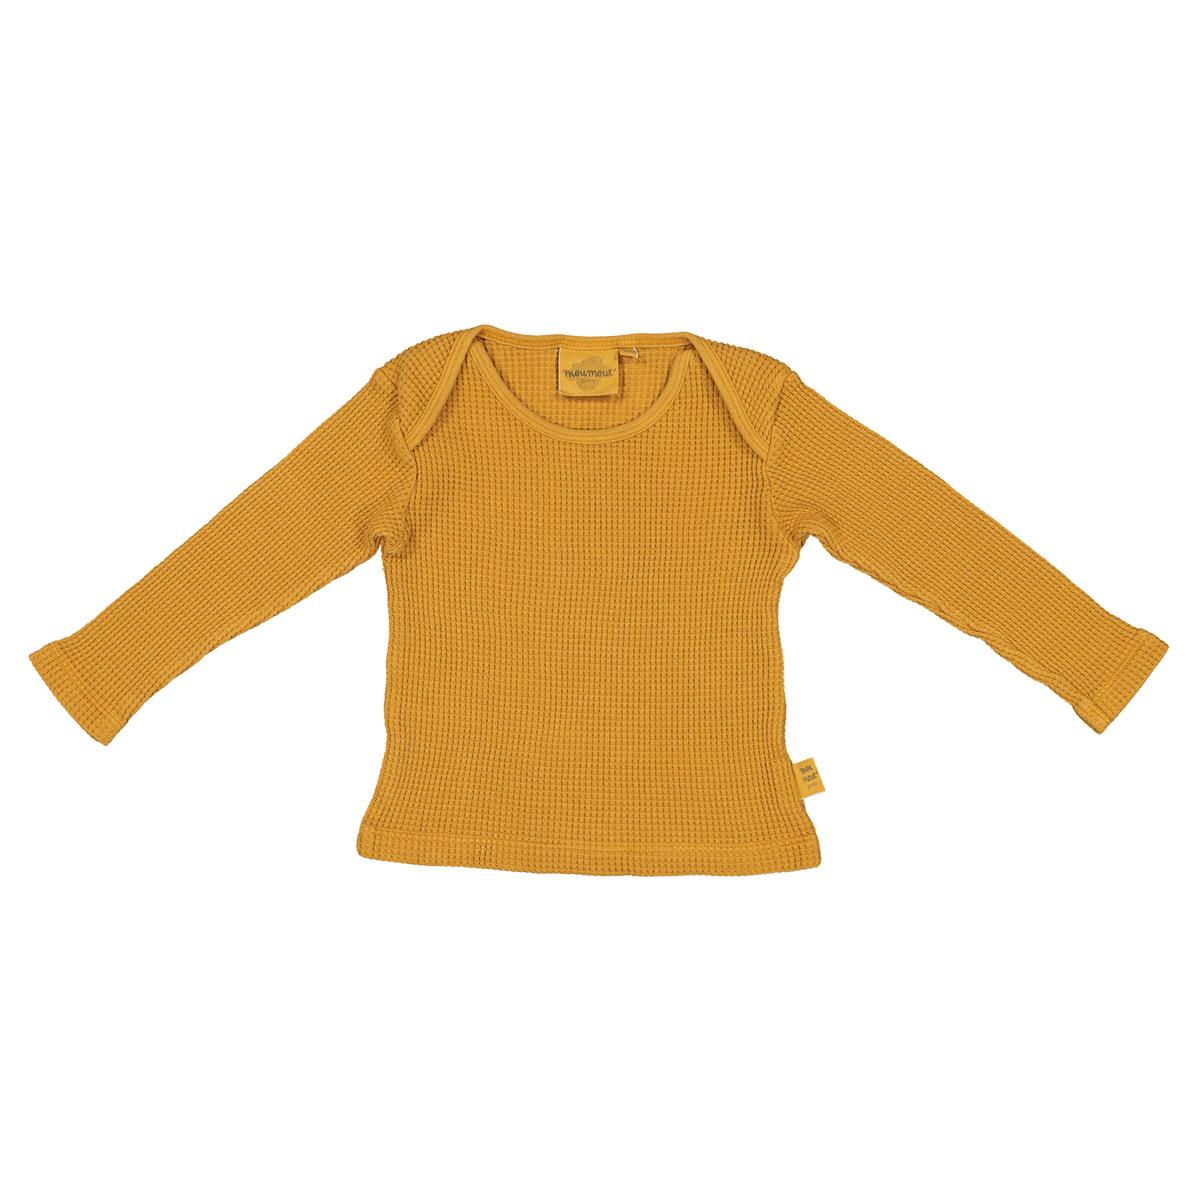 Haut bébé Tee-shirt Mü Bee Mustard - 18 Mois Tee-shirt Mü Bee Mustard - 18 Mois